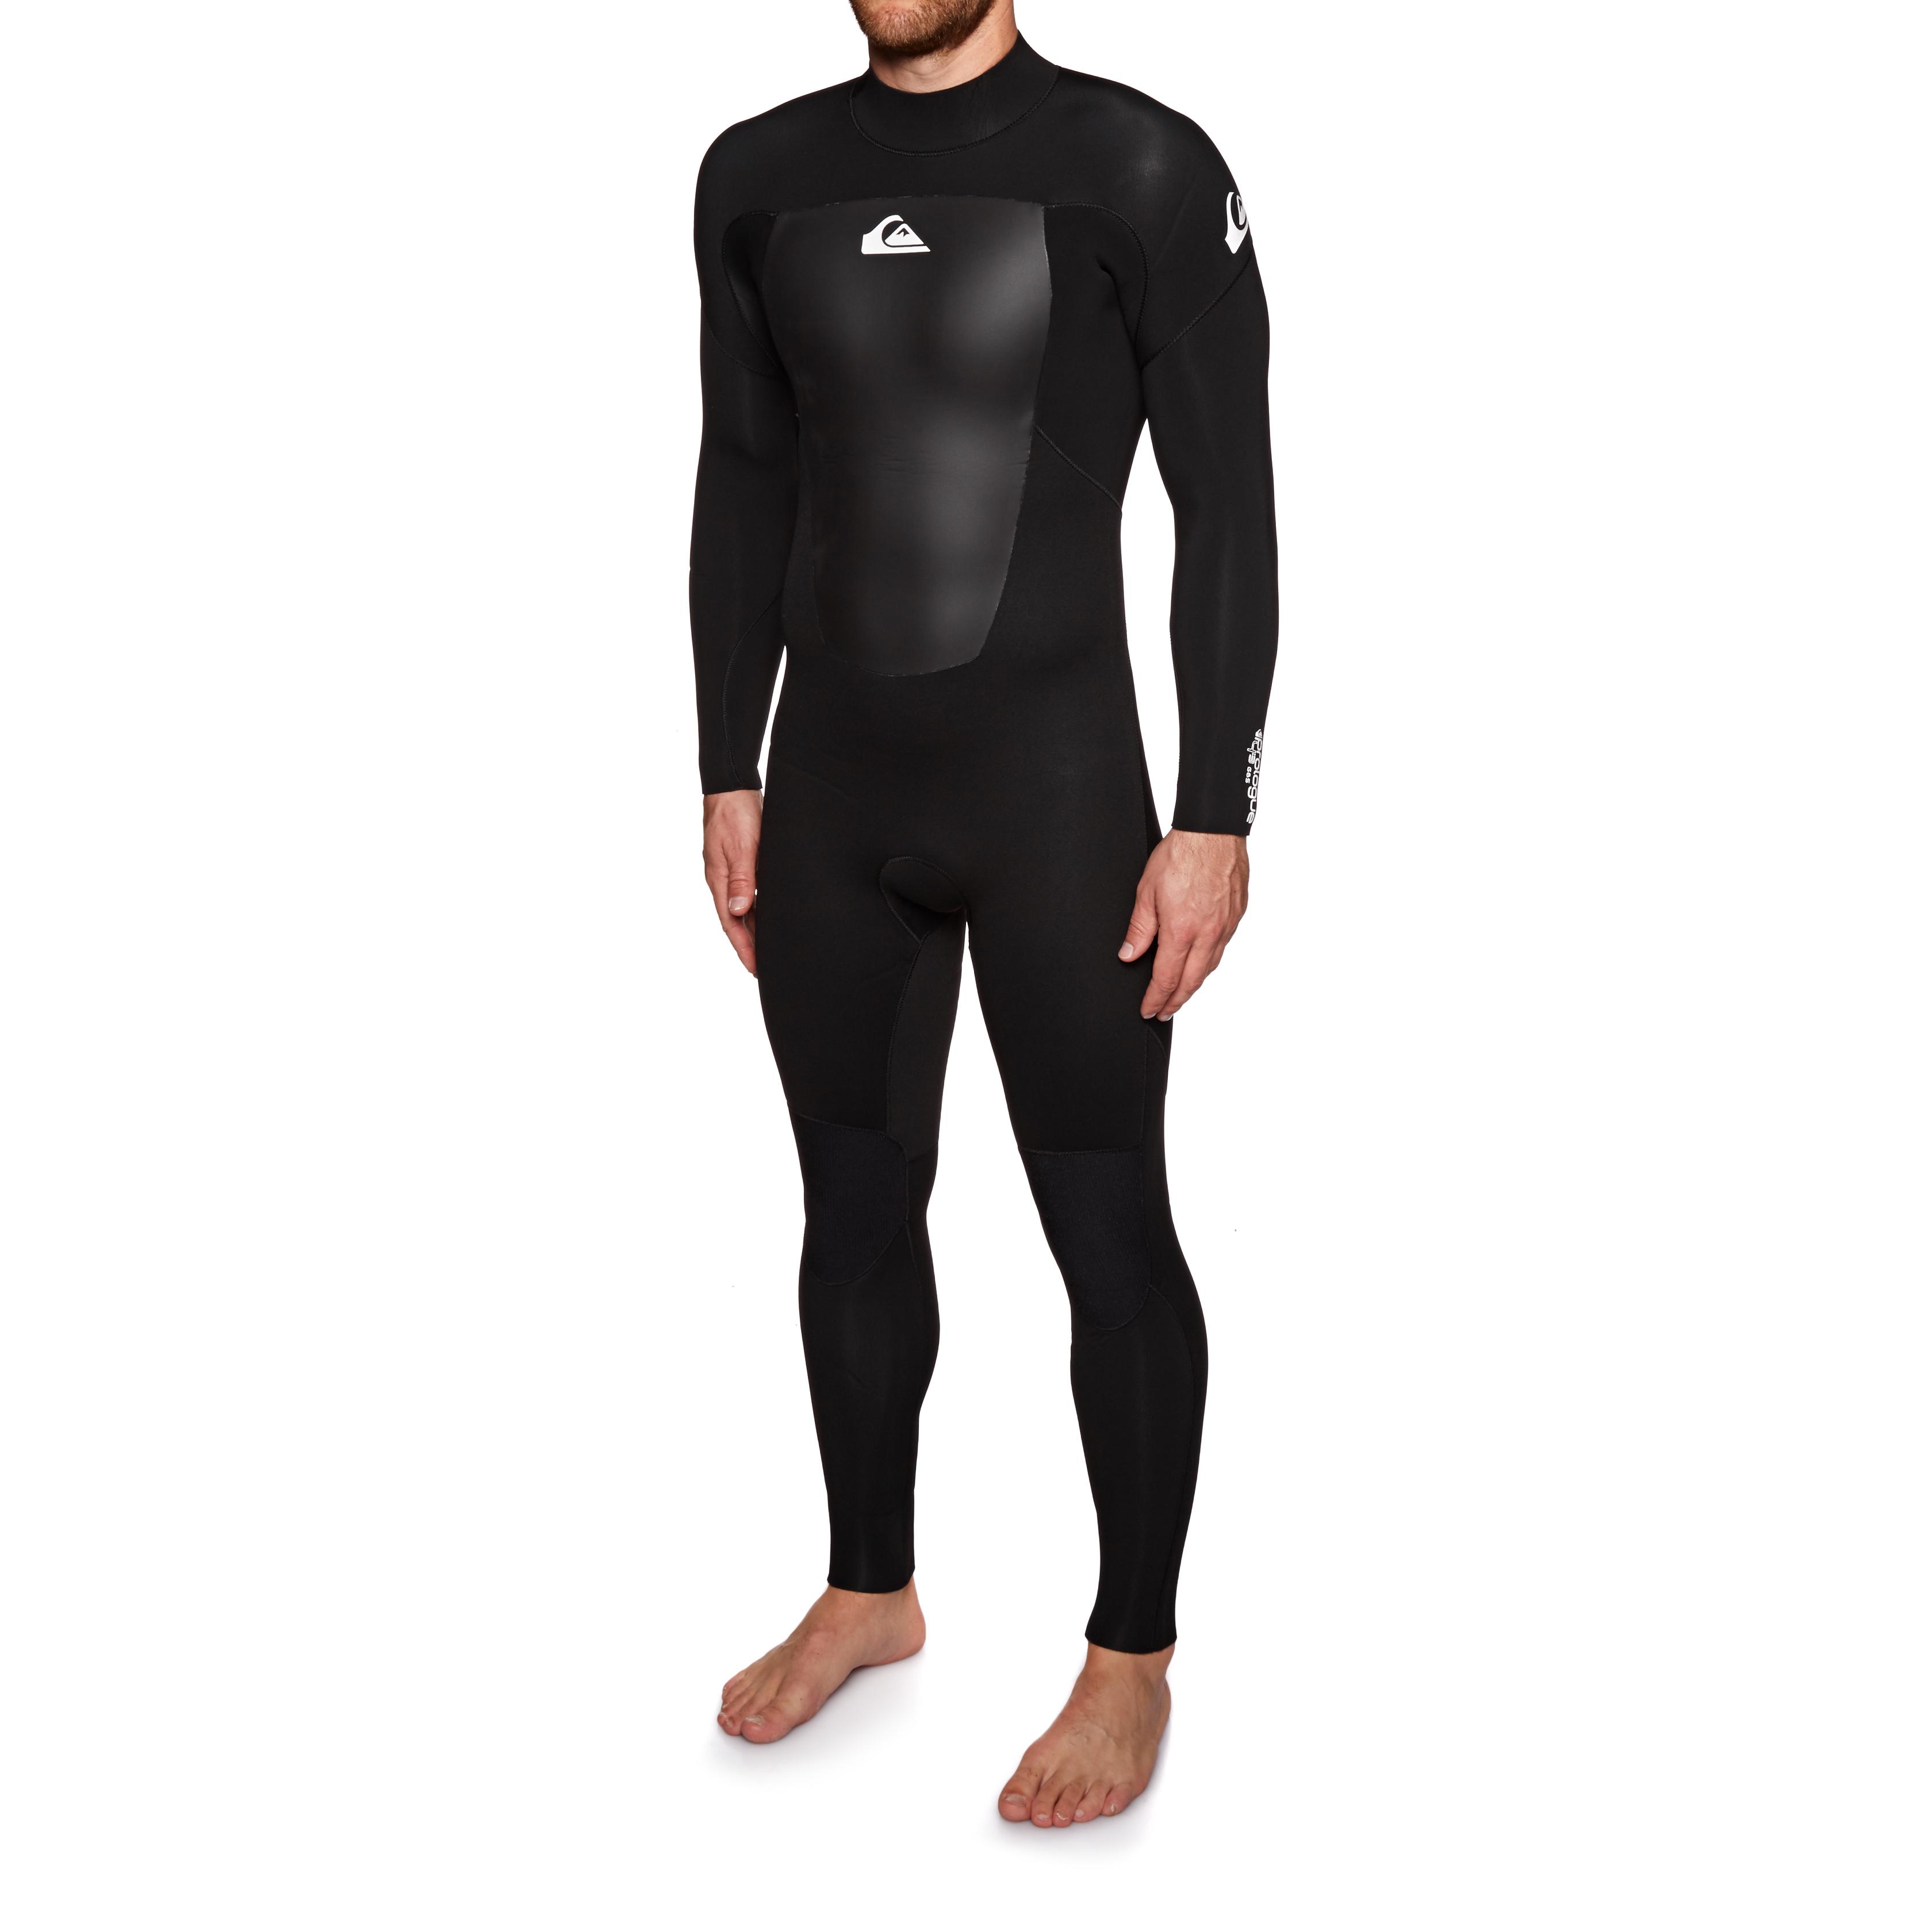 Neopren Neo Neoprenanzug QUIKSILVER 4//3 PROLOGUE BACK ZIP Full Suit 2020 black